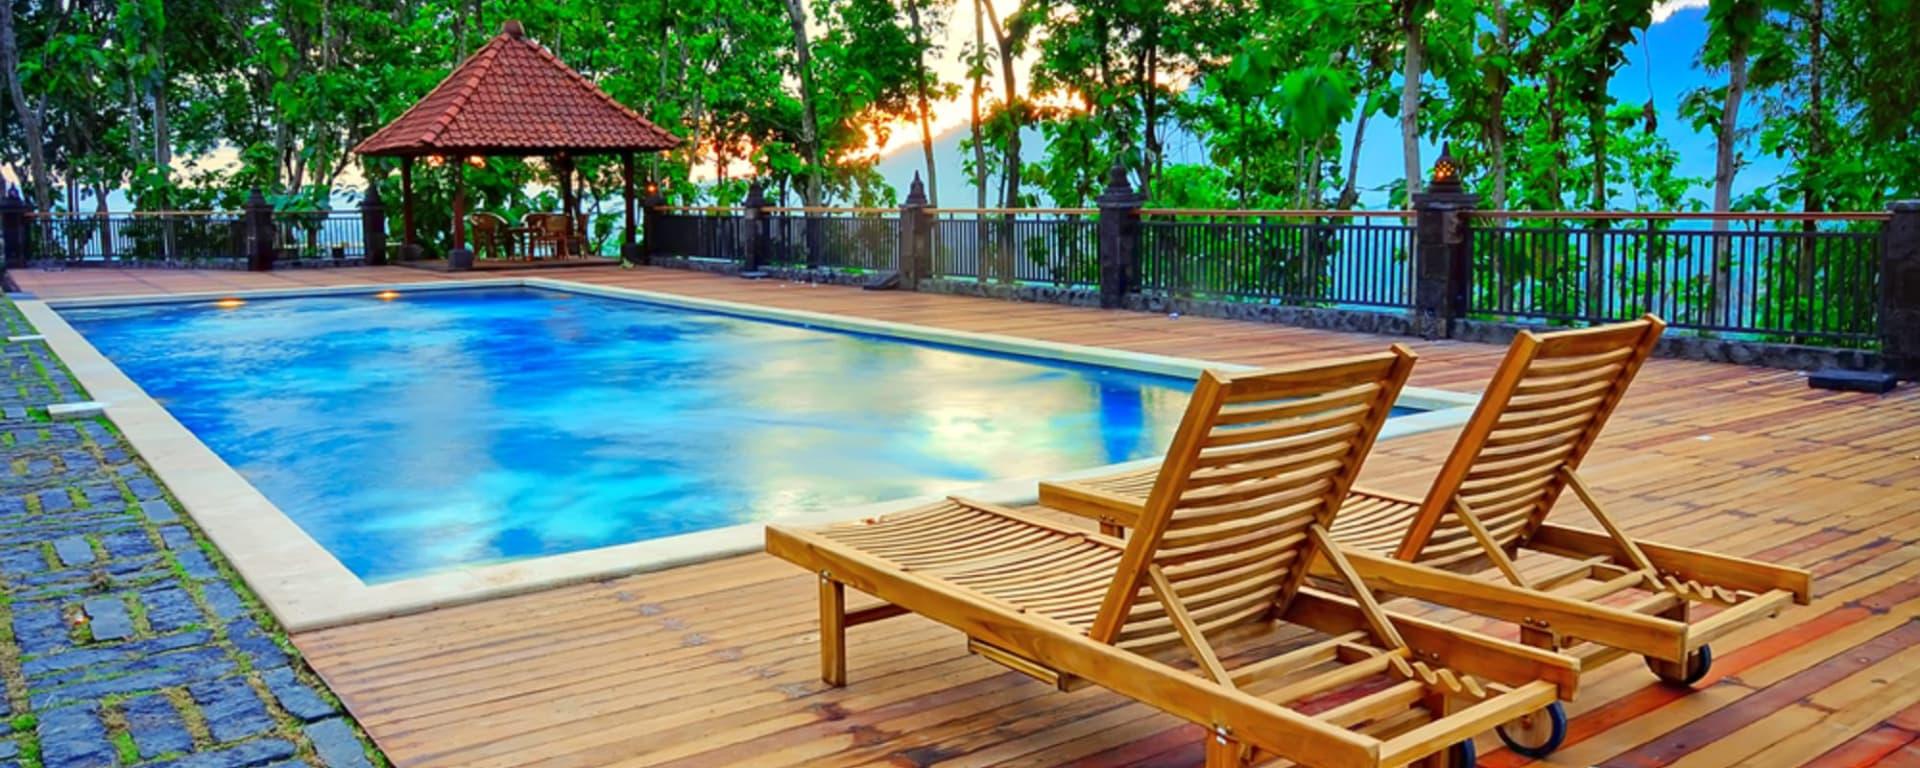 Plataran Borobudur Resort & Spa in Yogyakarta: Pool